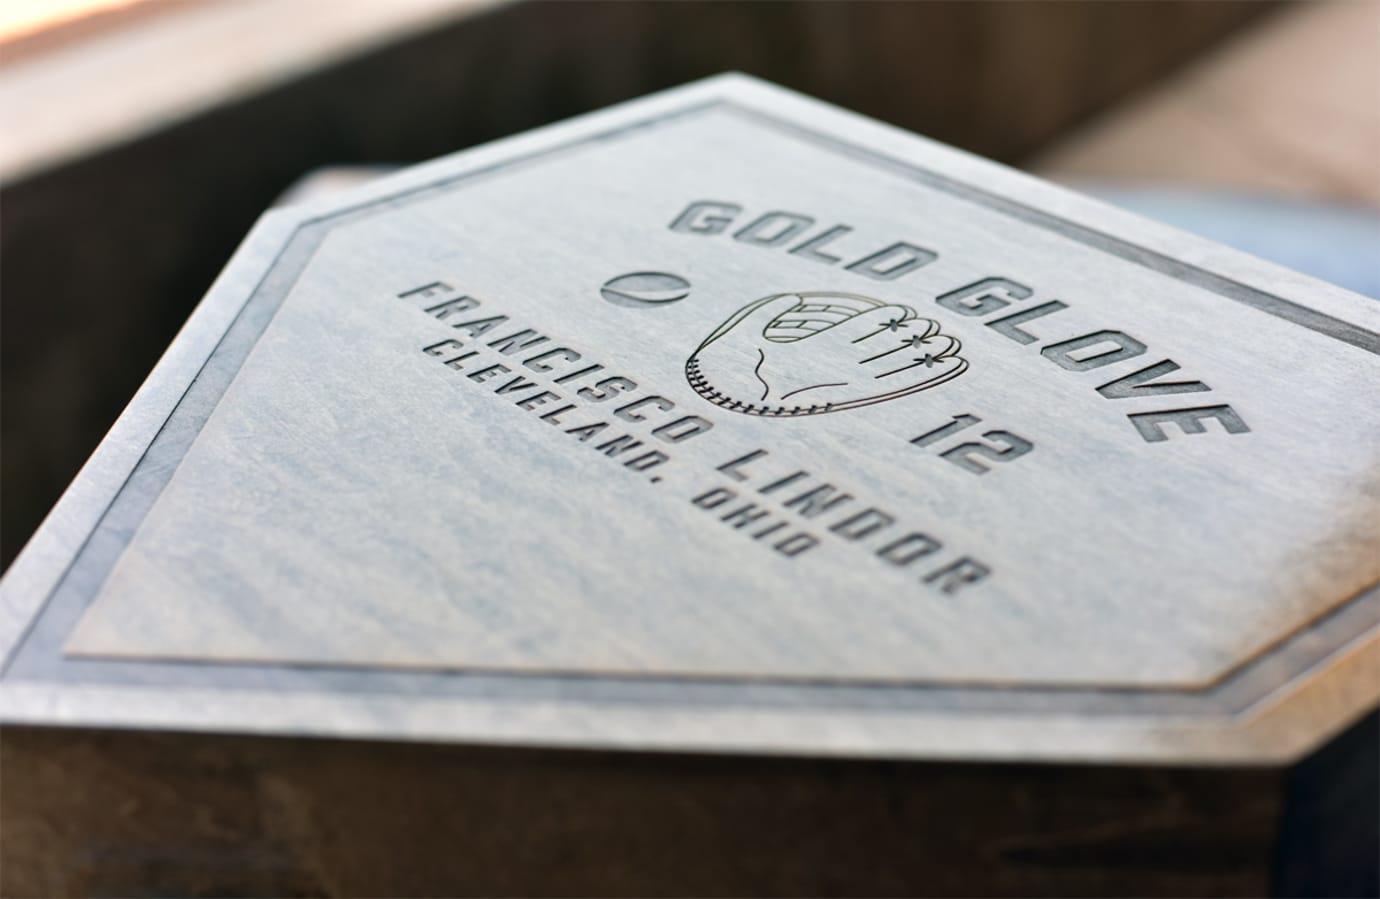 Francisco Lindor Gold Glove